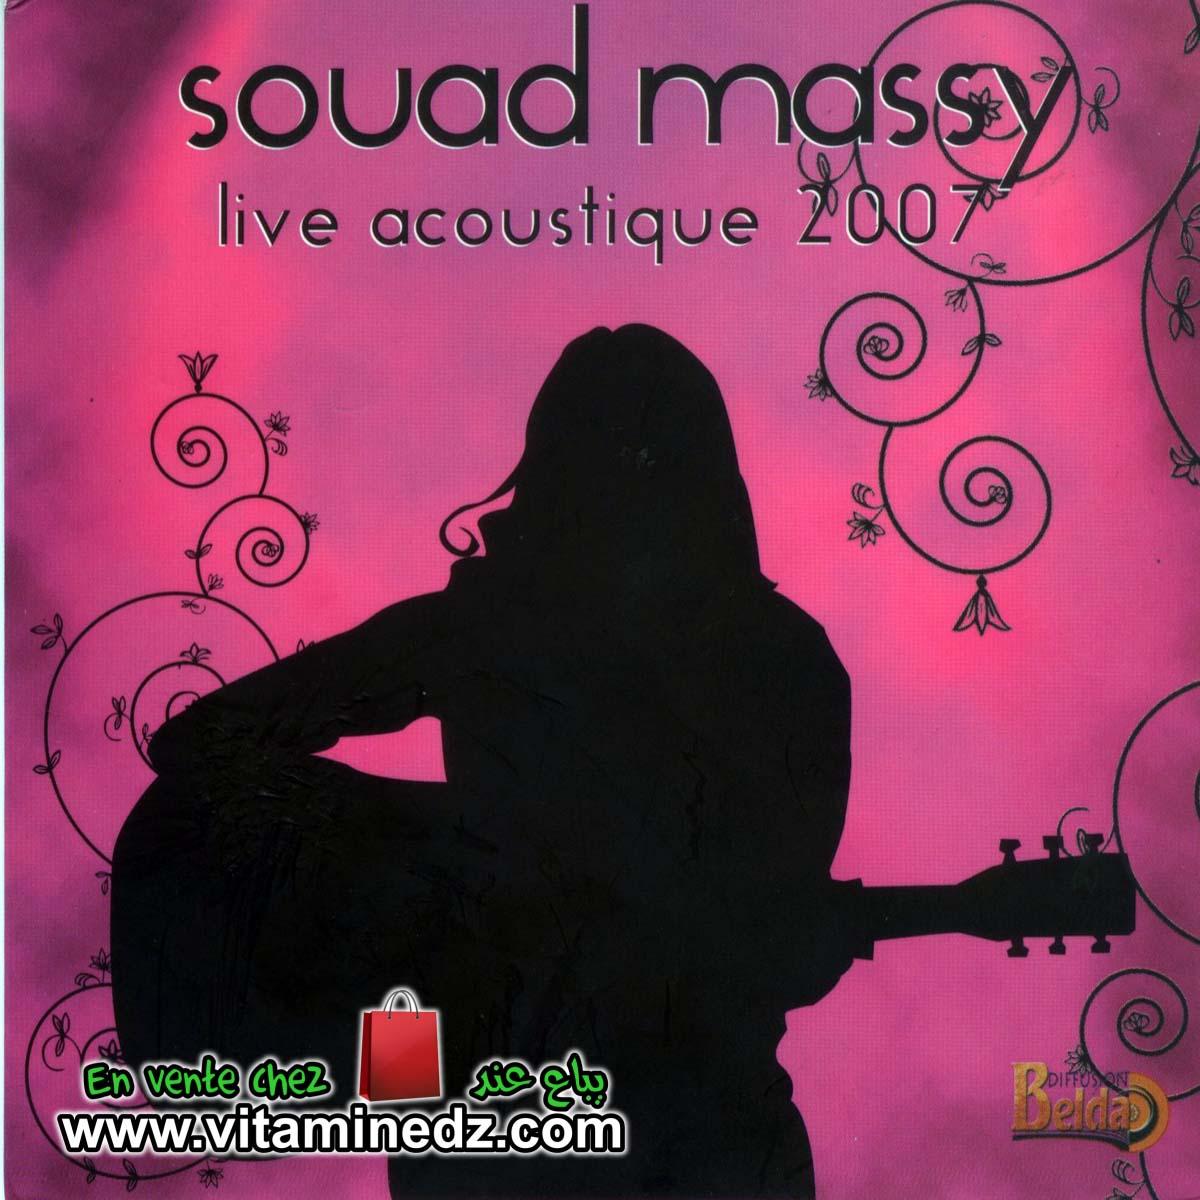 souad massi live acoustique 2007